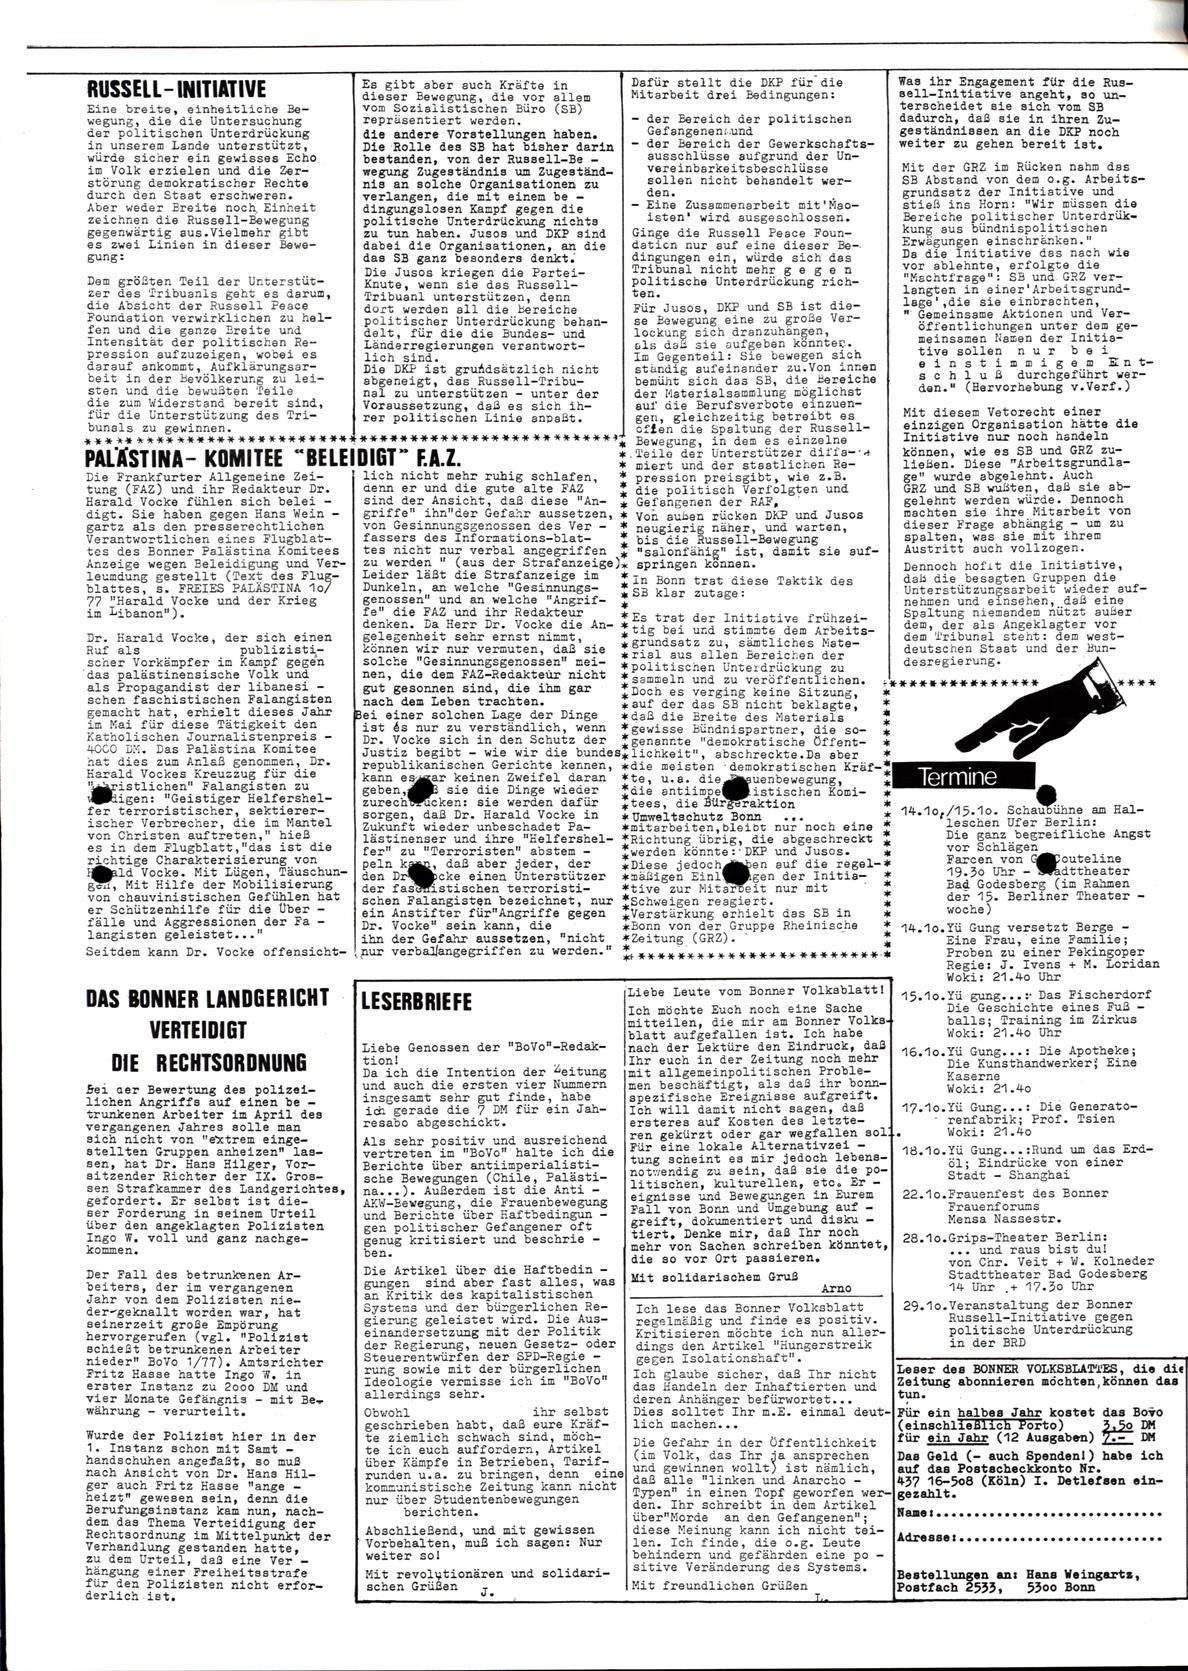 Bonner_Volksblatt_05_19771004_02